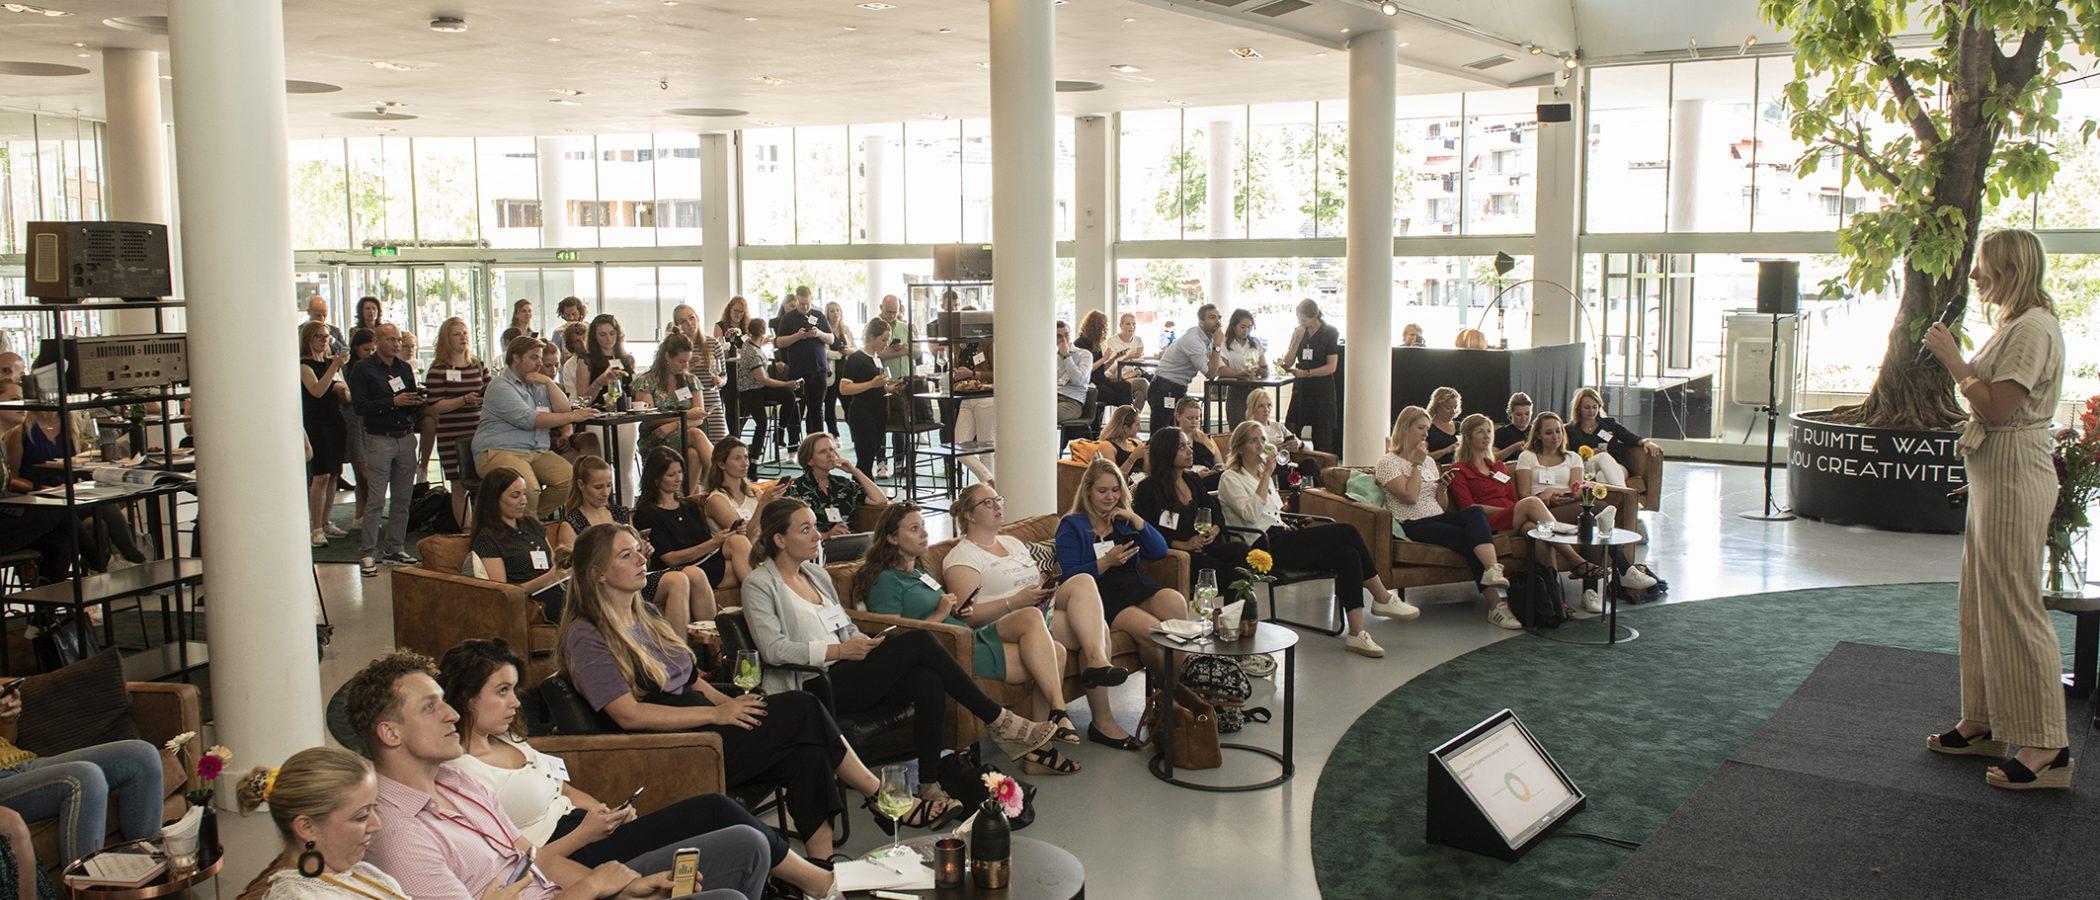 Netwerksessie in de Green Lounge van evenementenlocatie Gooiland